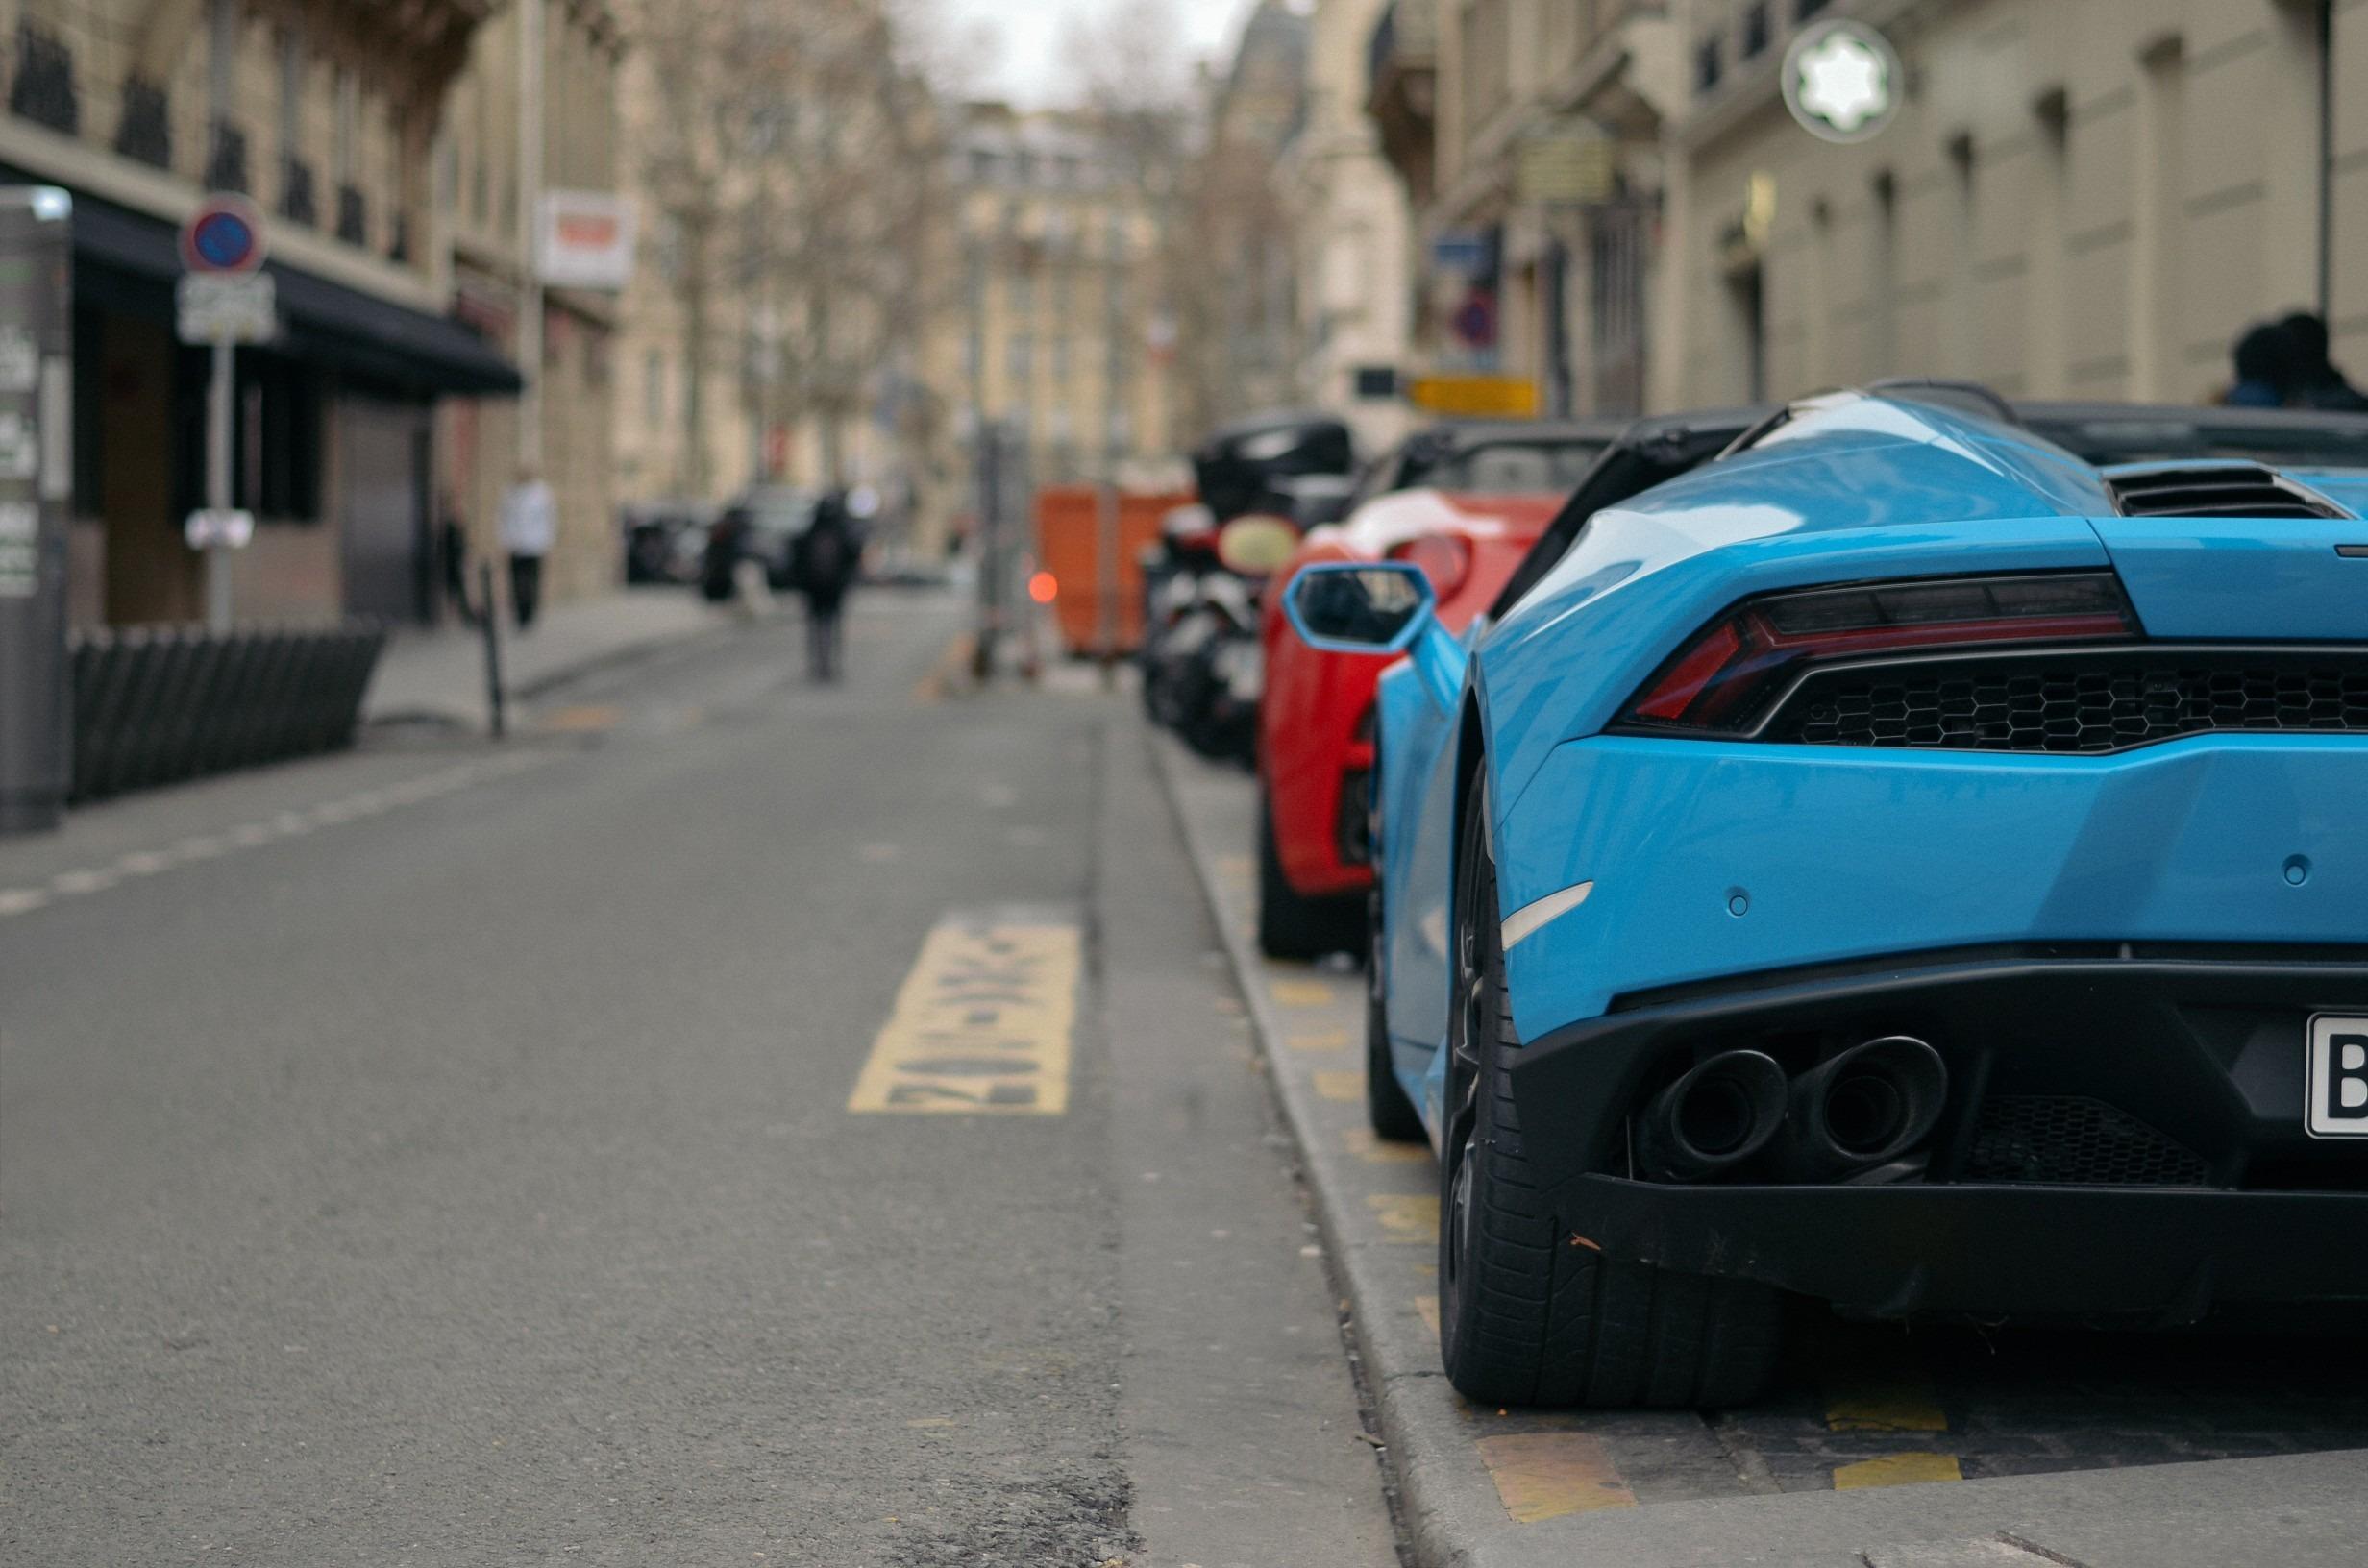 Sky blue color Aventador park on side road